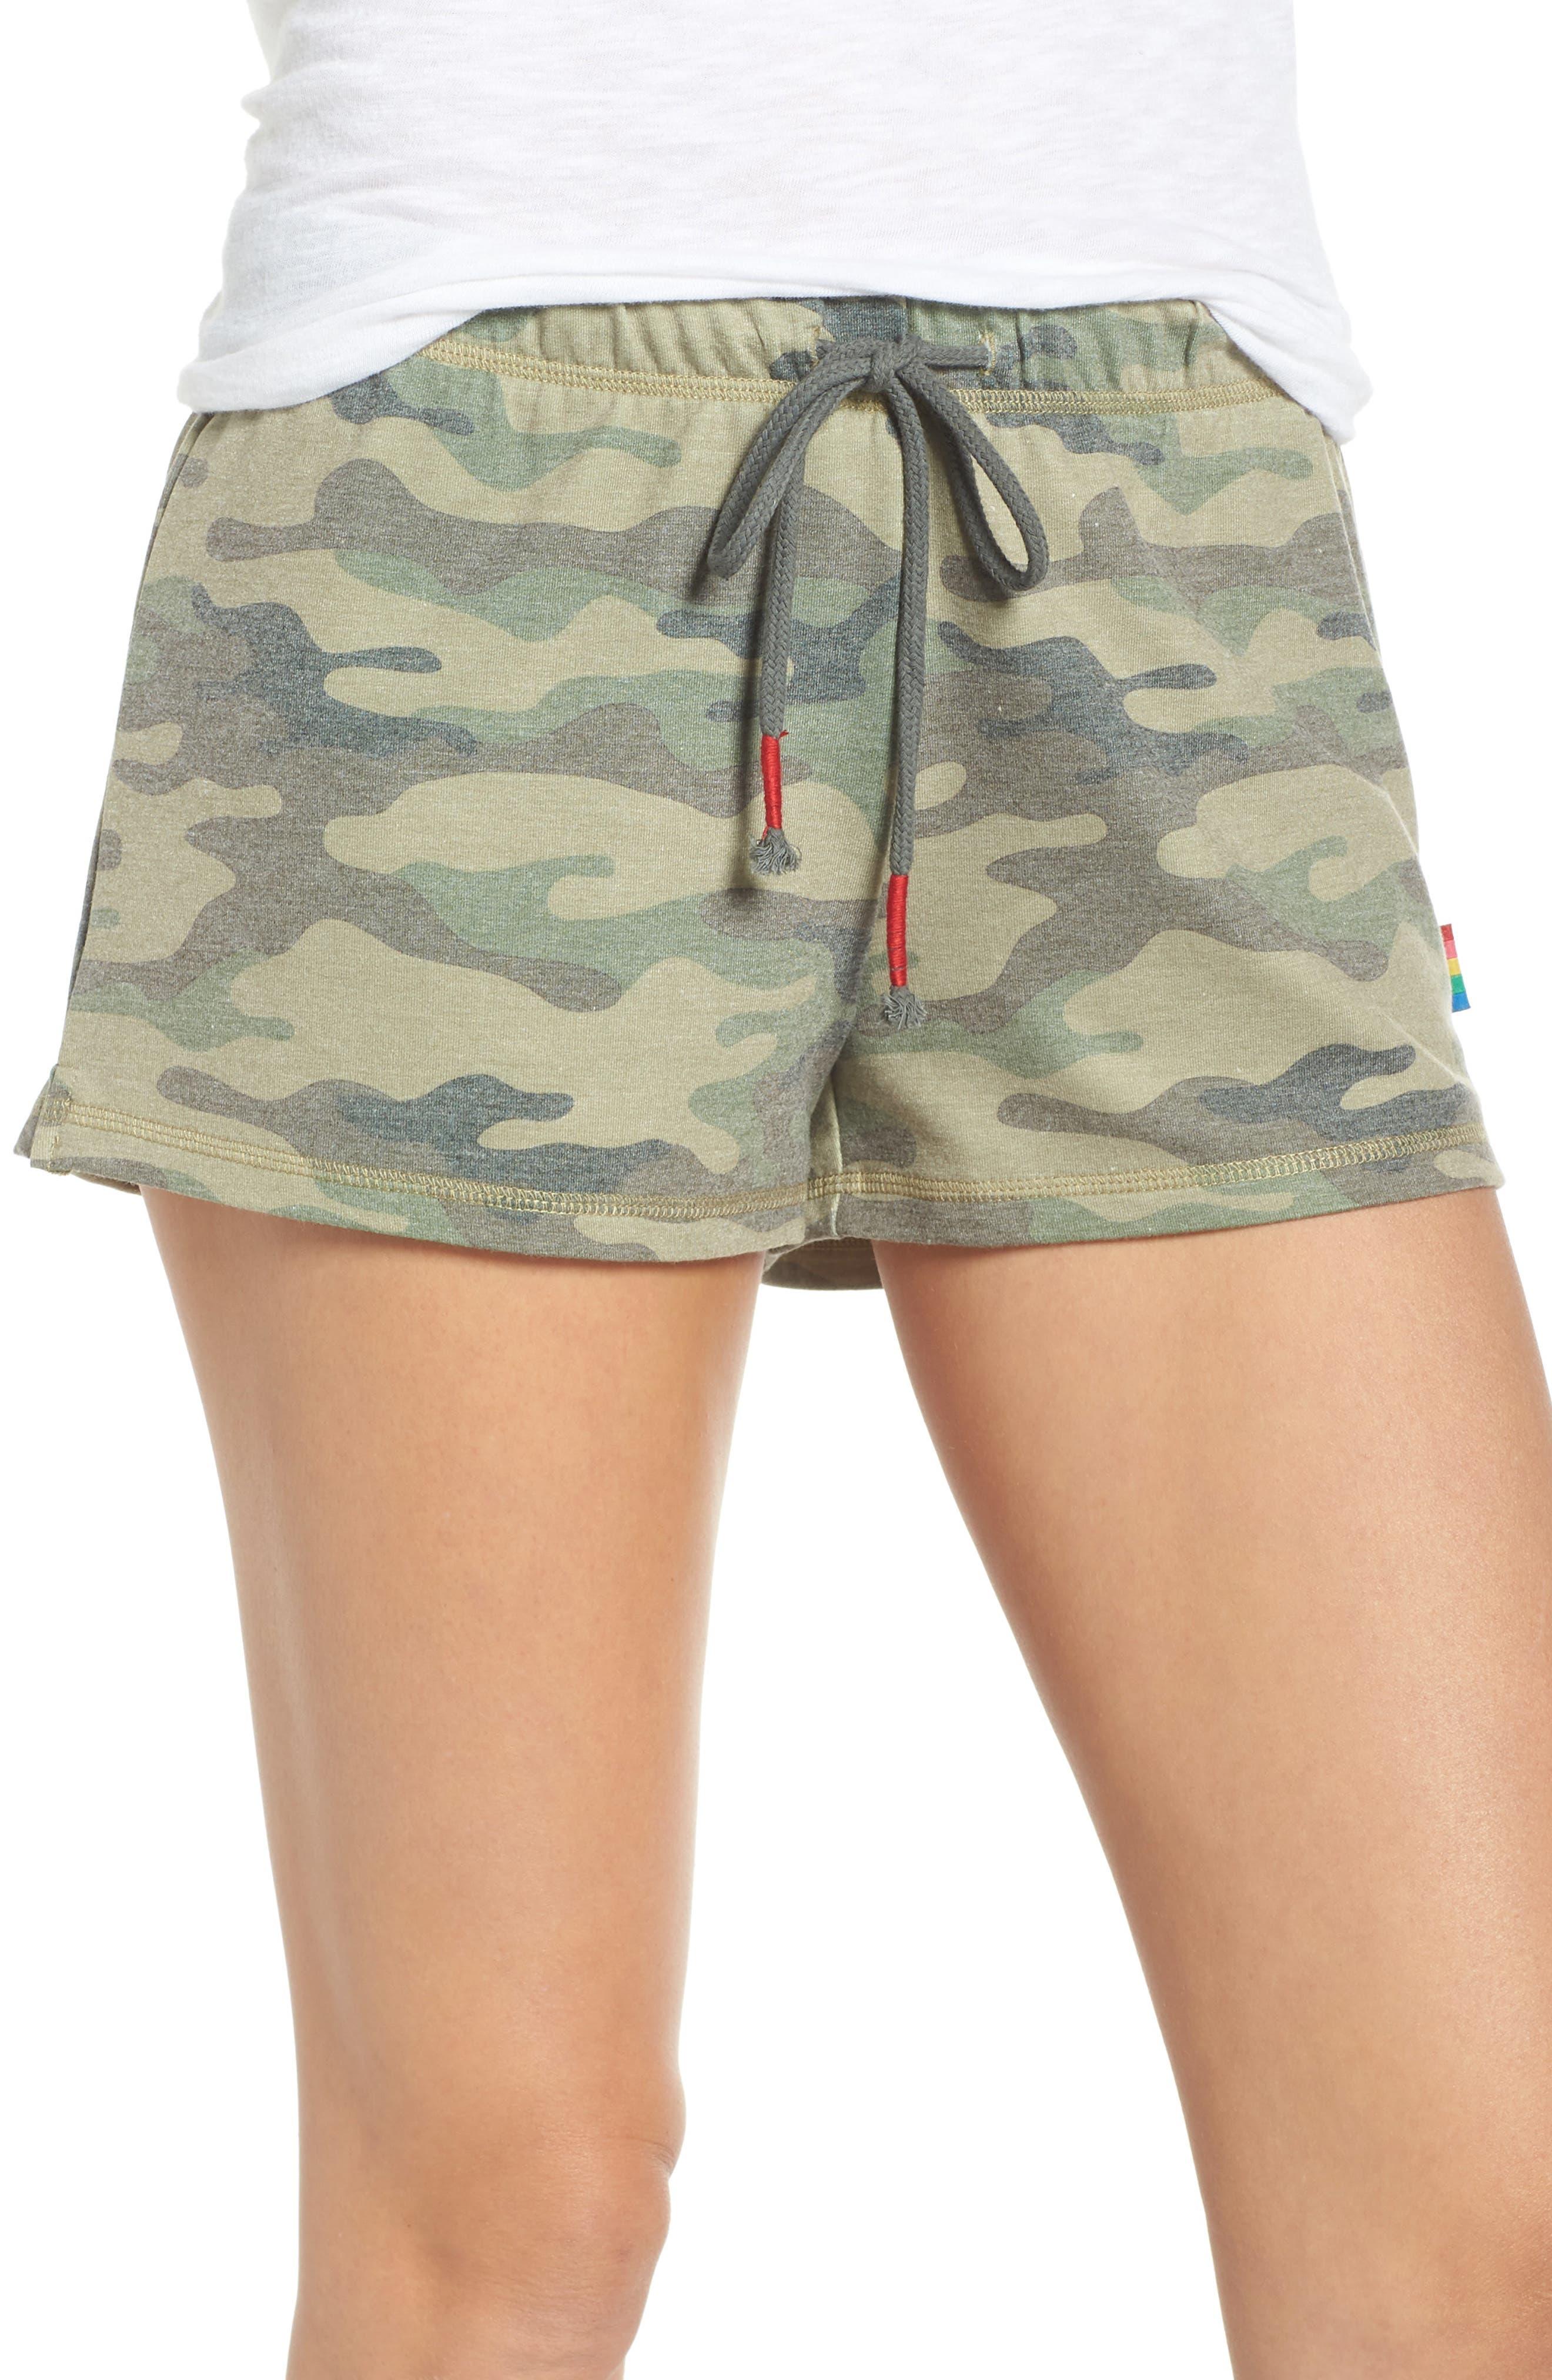 Pajama Shorts,                             Main thumbnail 1, color,                             OLIVE